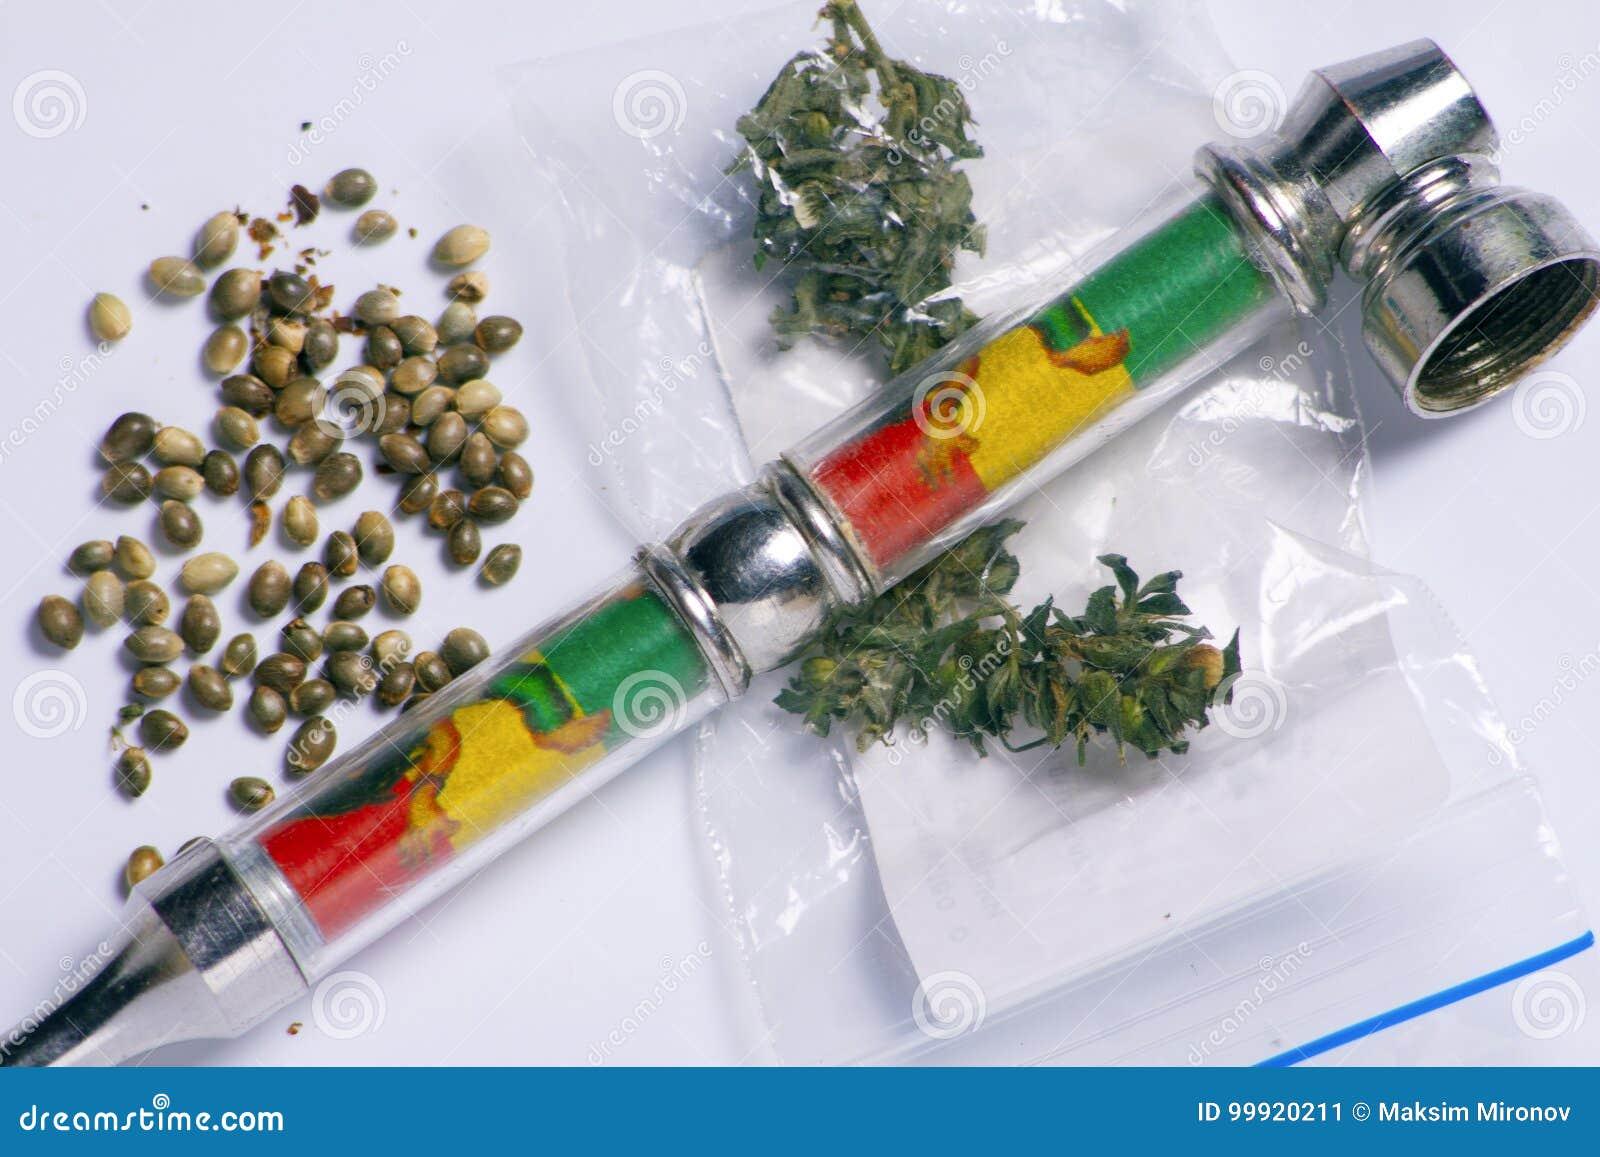 Для купить марихуаны трубка курения из конопли как пожарить сюзьму